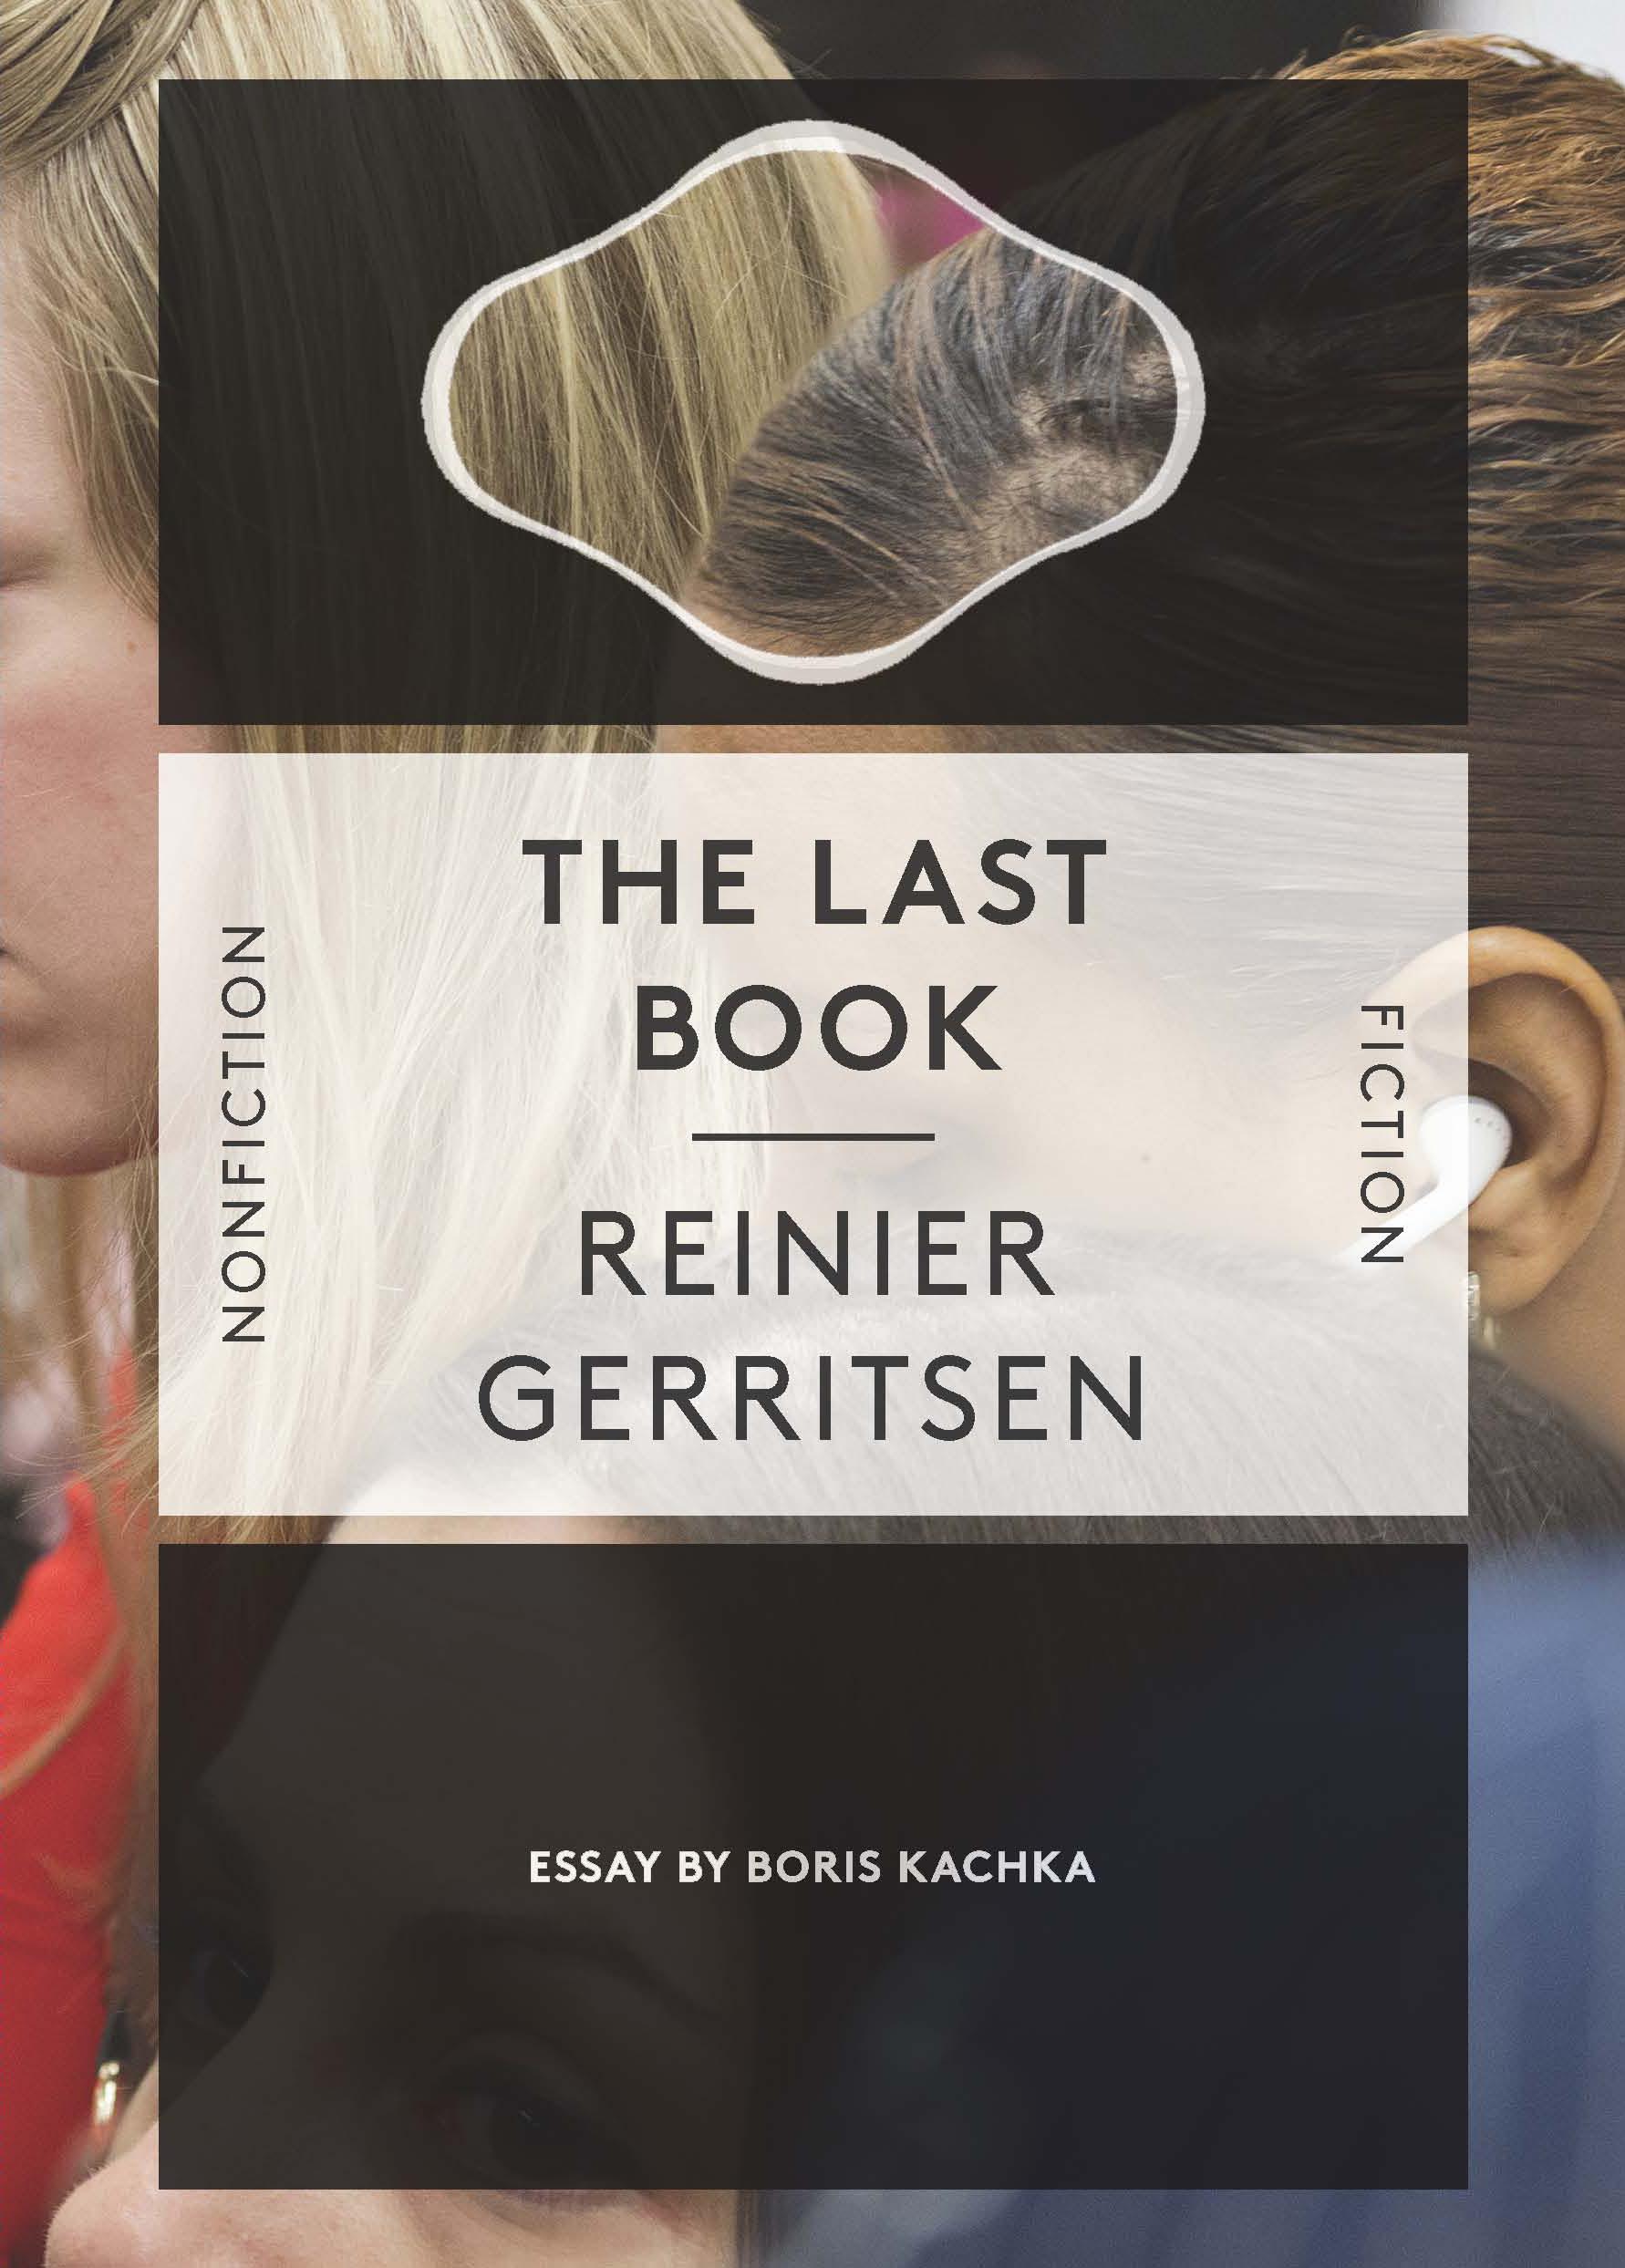 Couverture du livre The Last Book de Gerritsen